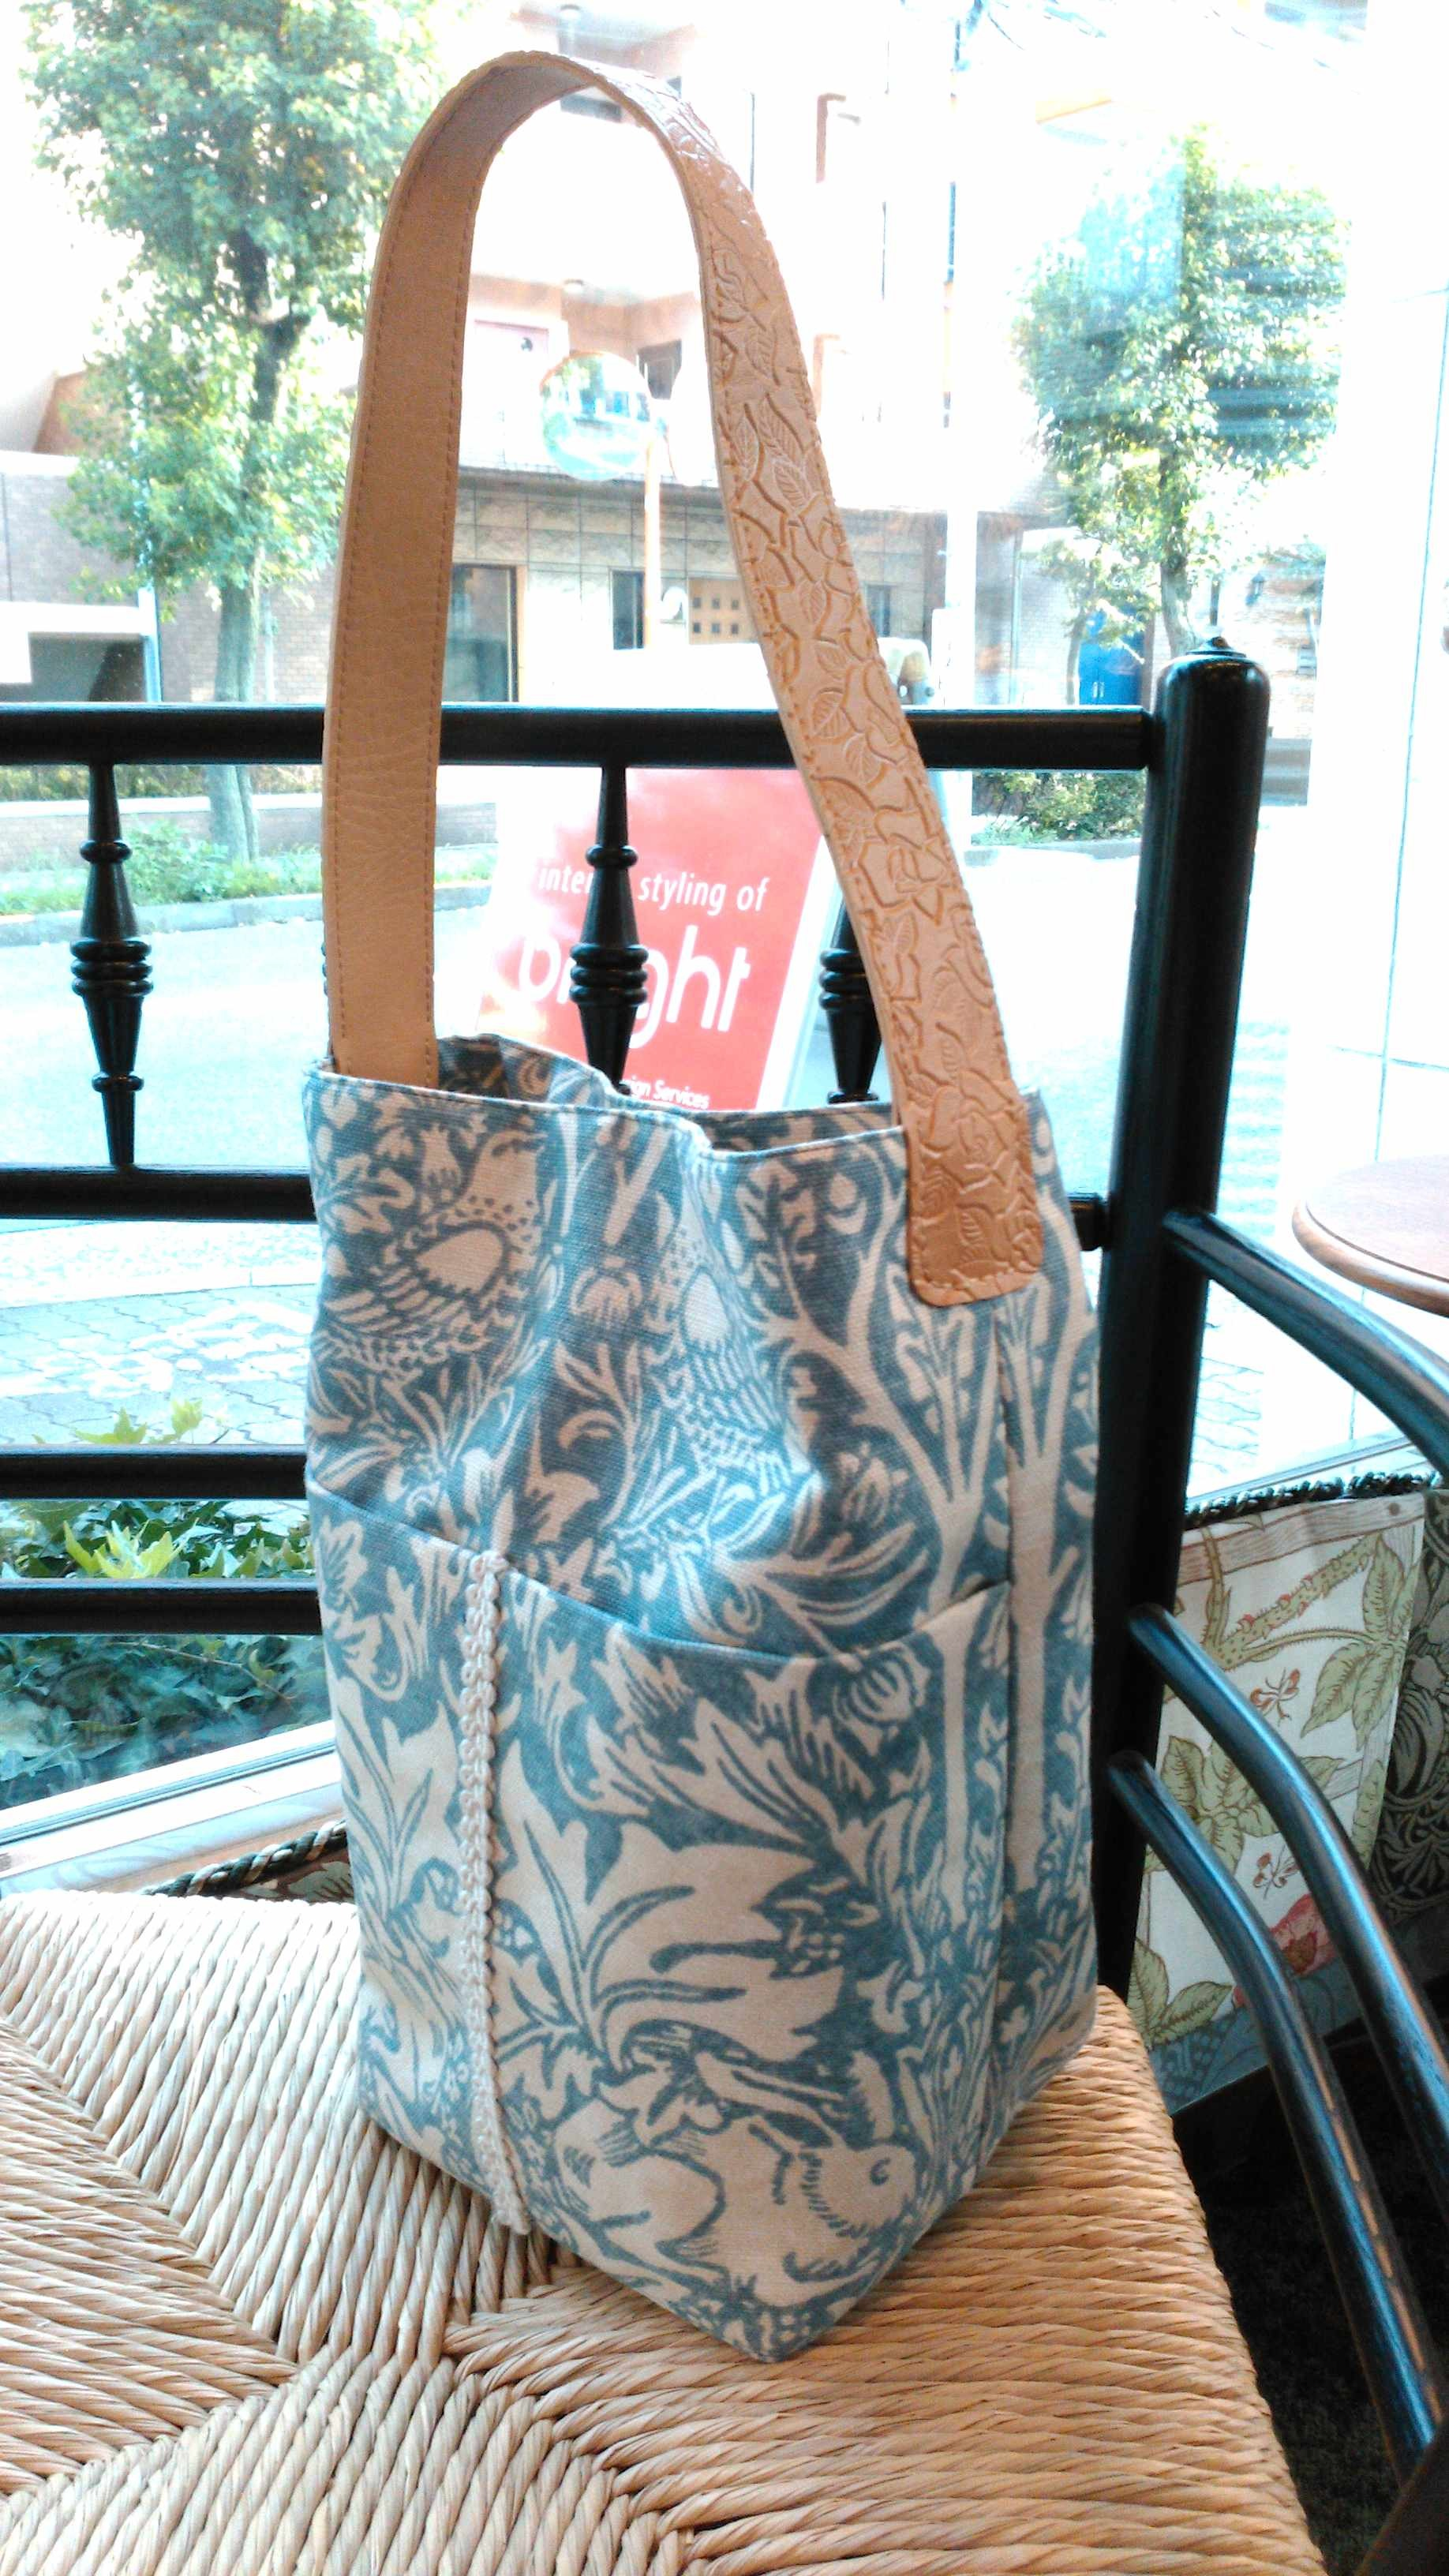 モリス 『兄弟うさぎ』 筒形バッグ ウィリアムモリス正規販売店のブライト_c0157866_20174667.jpg